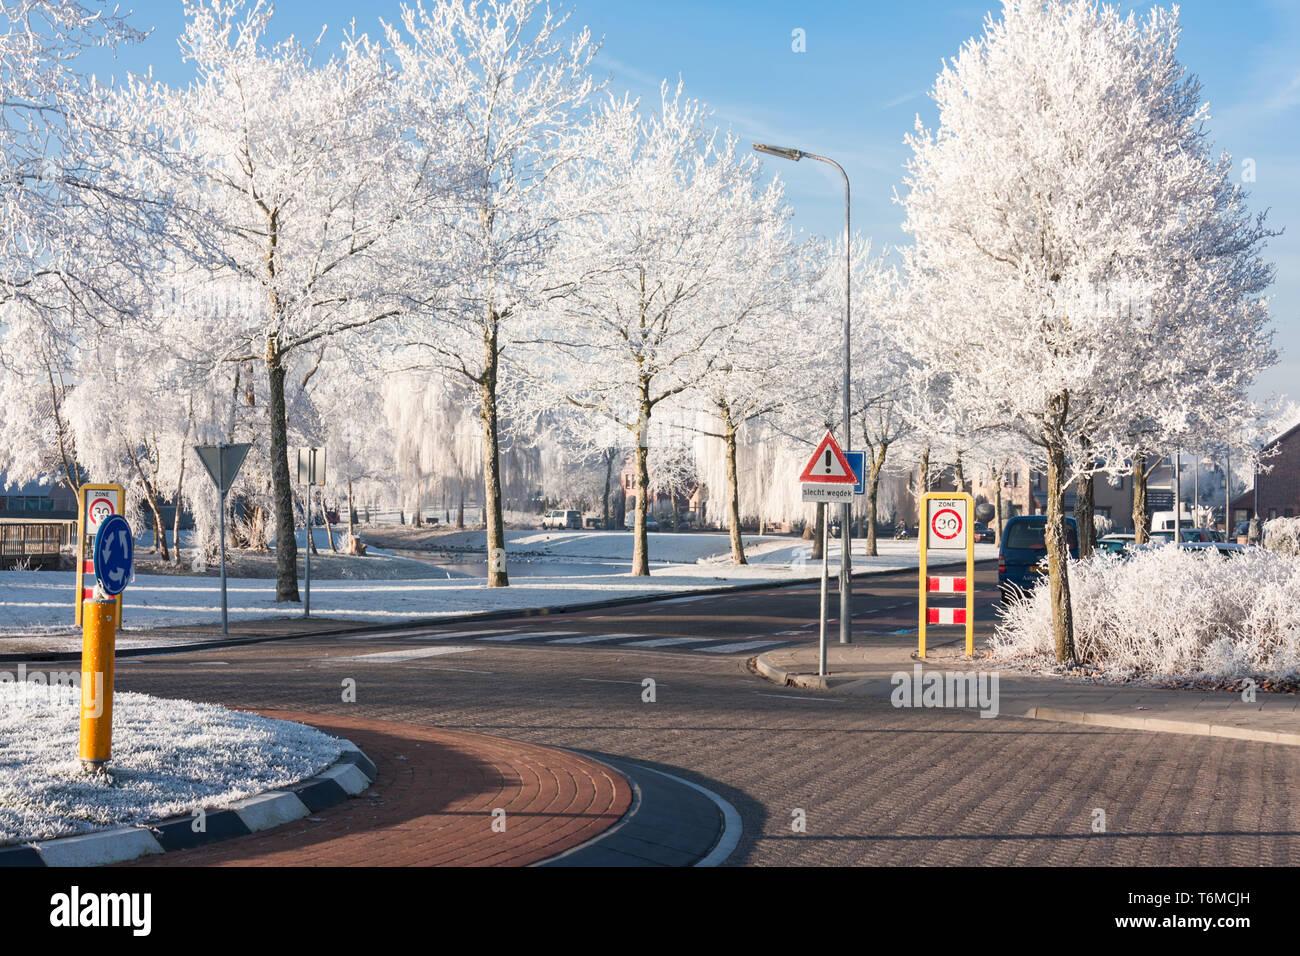 Wohngebiet mit Kreisverkehr im Winter Stockbild